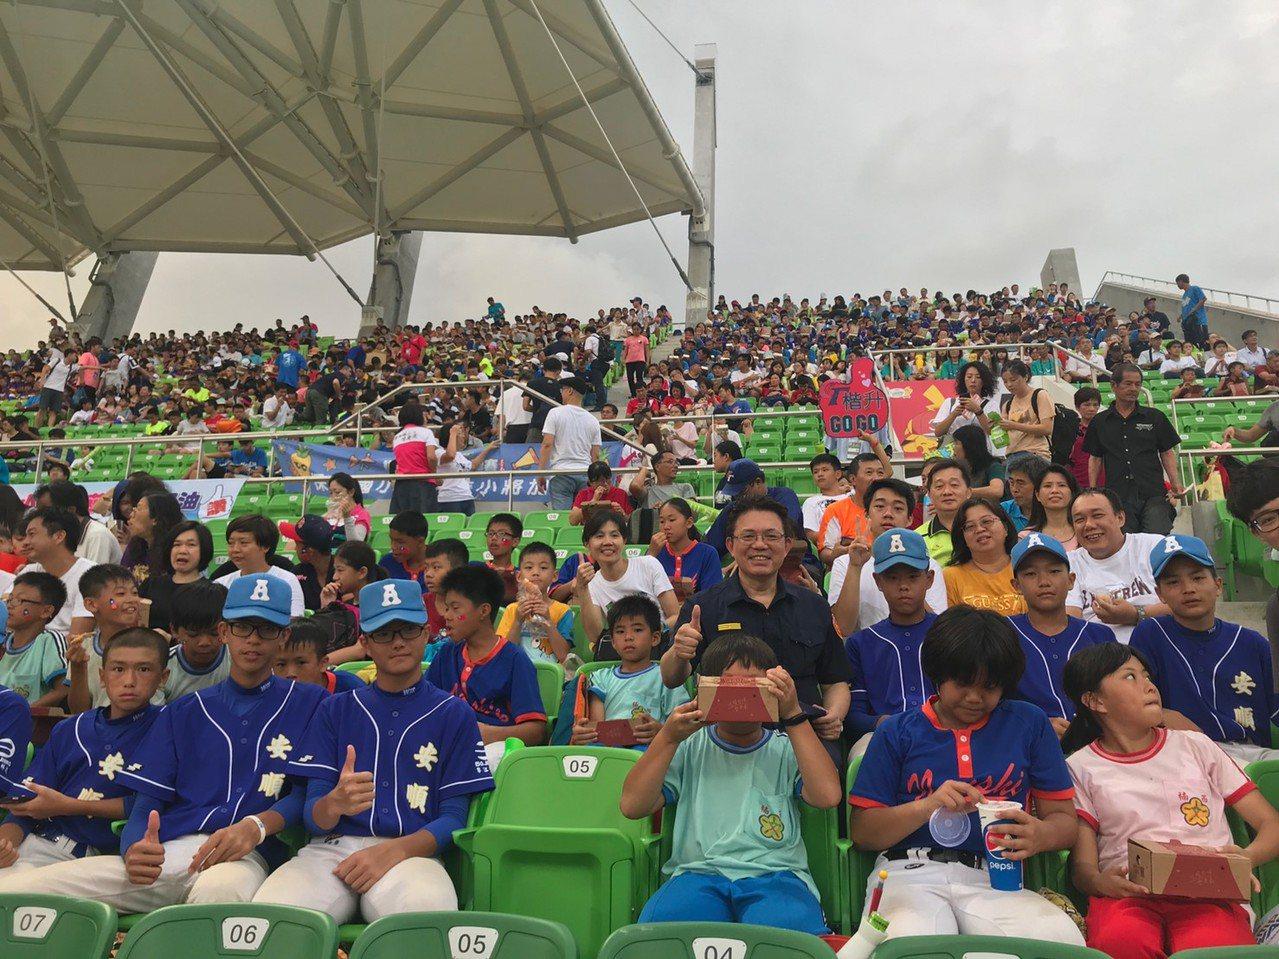 暑期關懷青少年,台南市警五分局和警友會邀學童觀看「U12世界盃少棒錦標賽」,為比...